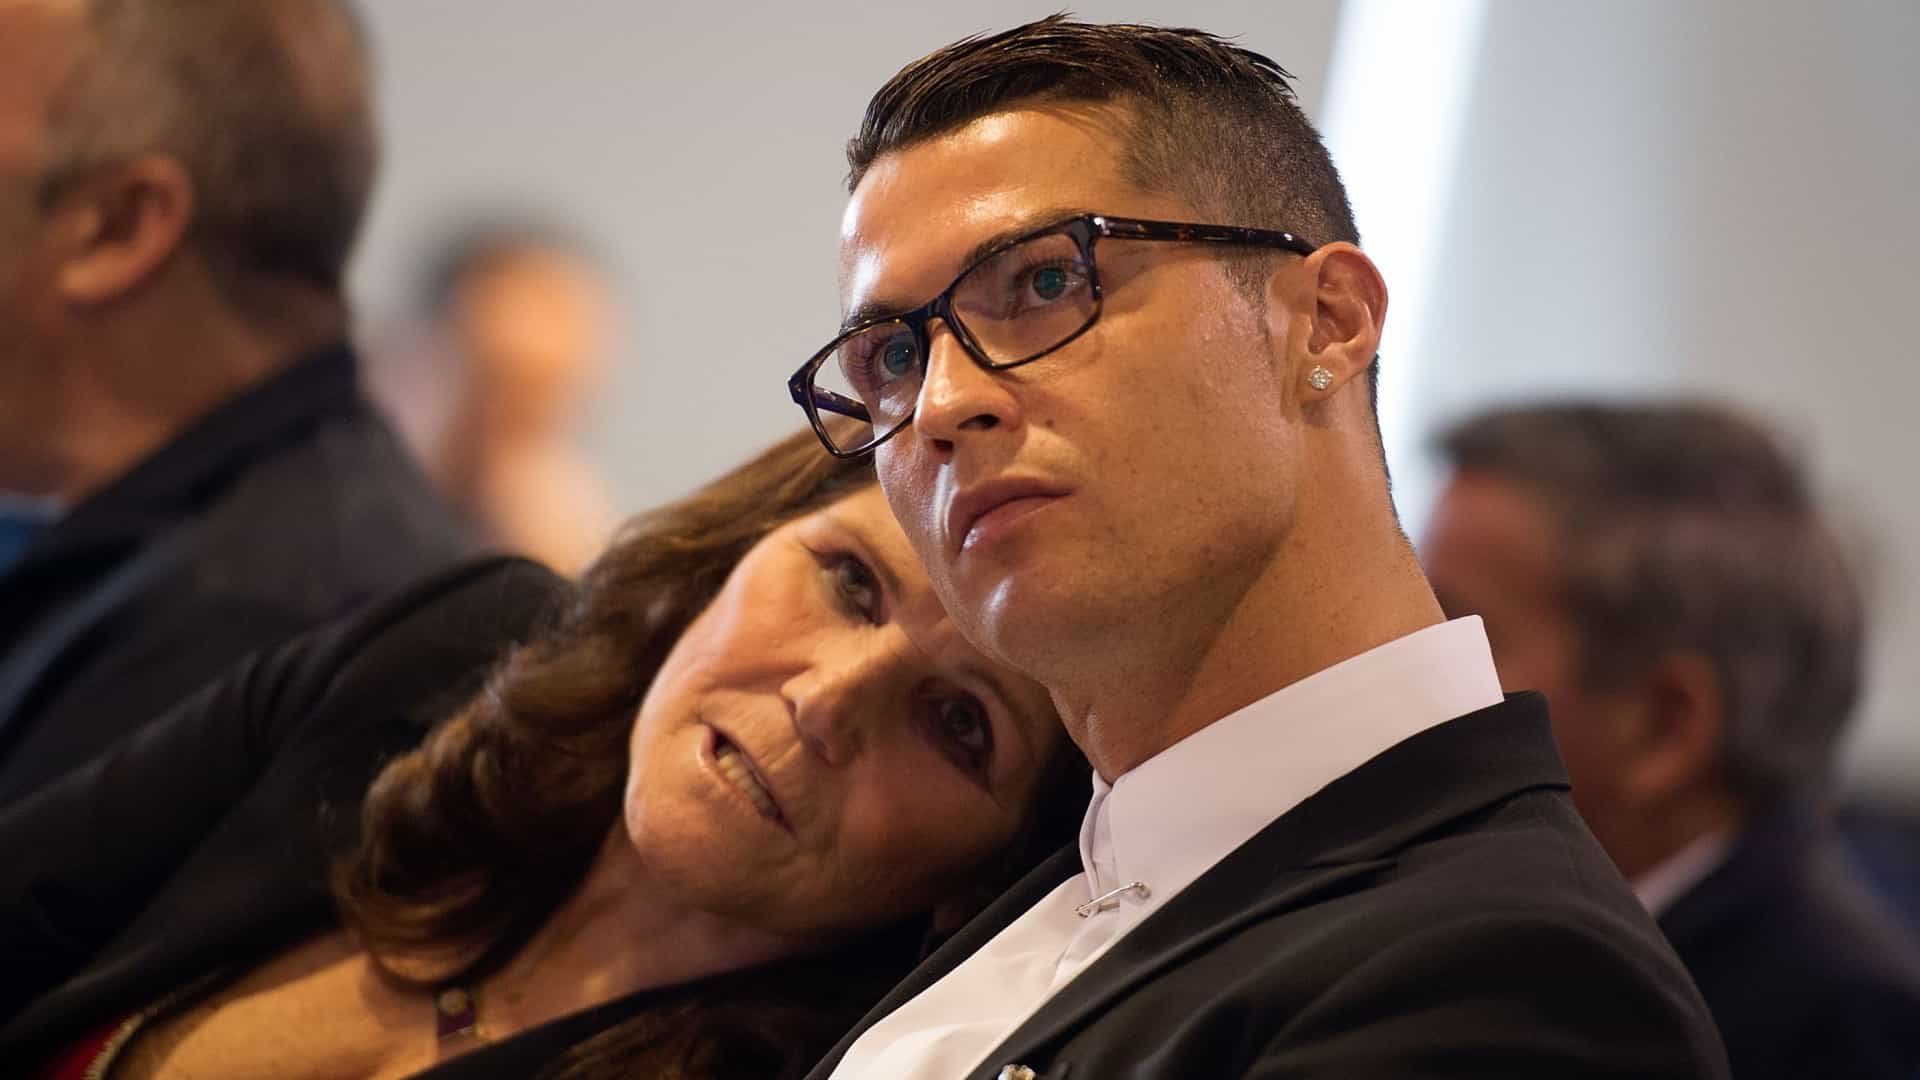 """Dolores Aveiro sobre Ronaldo: """"Tentei abortar e não consegui. Ainda bem"""""""